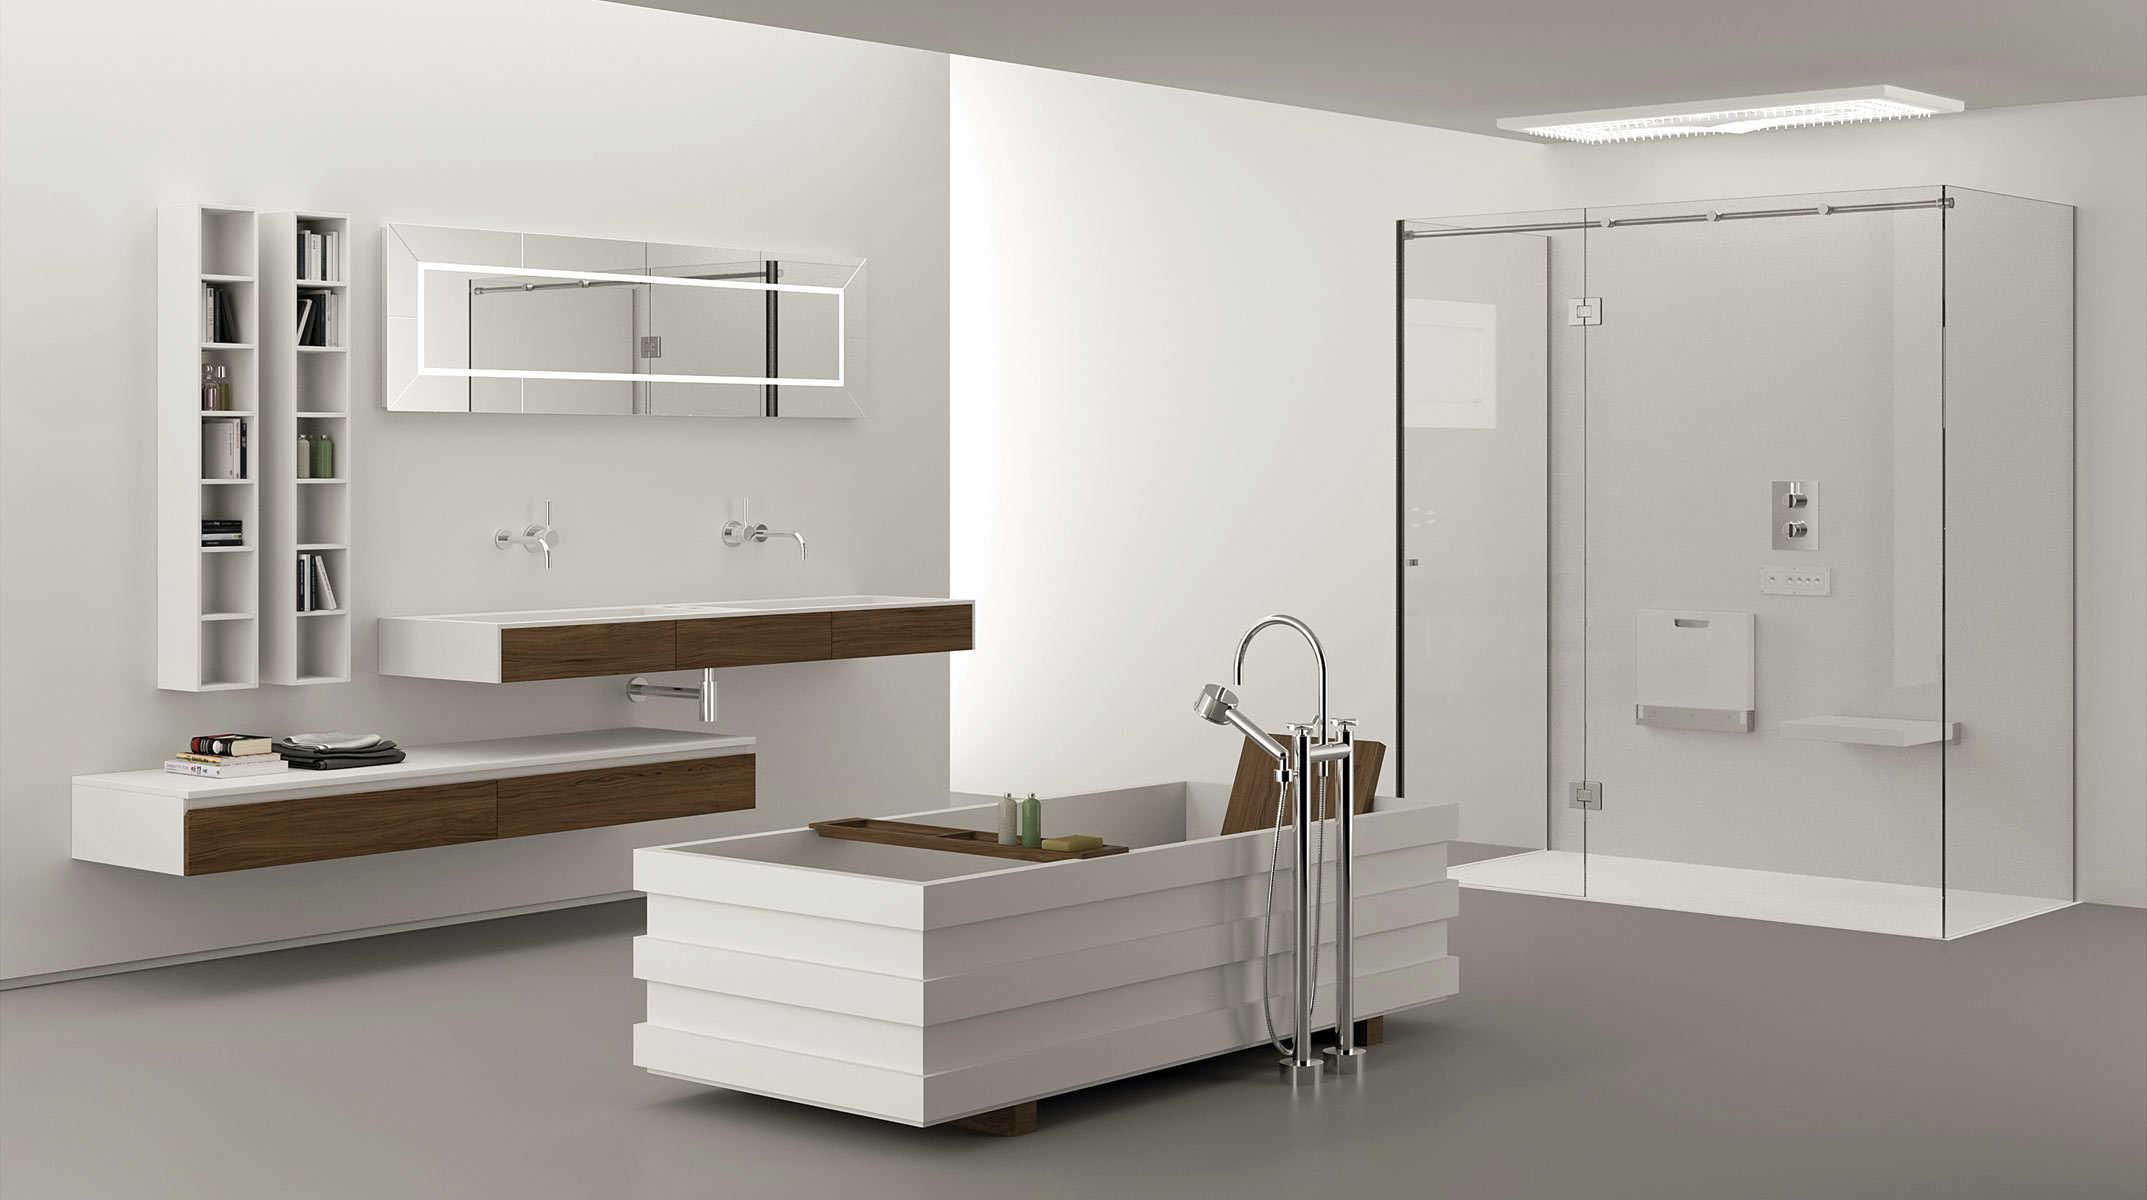 Il bagno si trasforma soluzioni funzionali e di design for Design bagno 2016